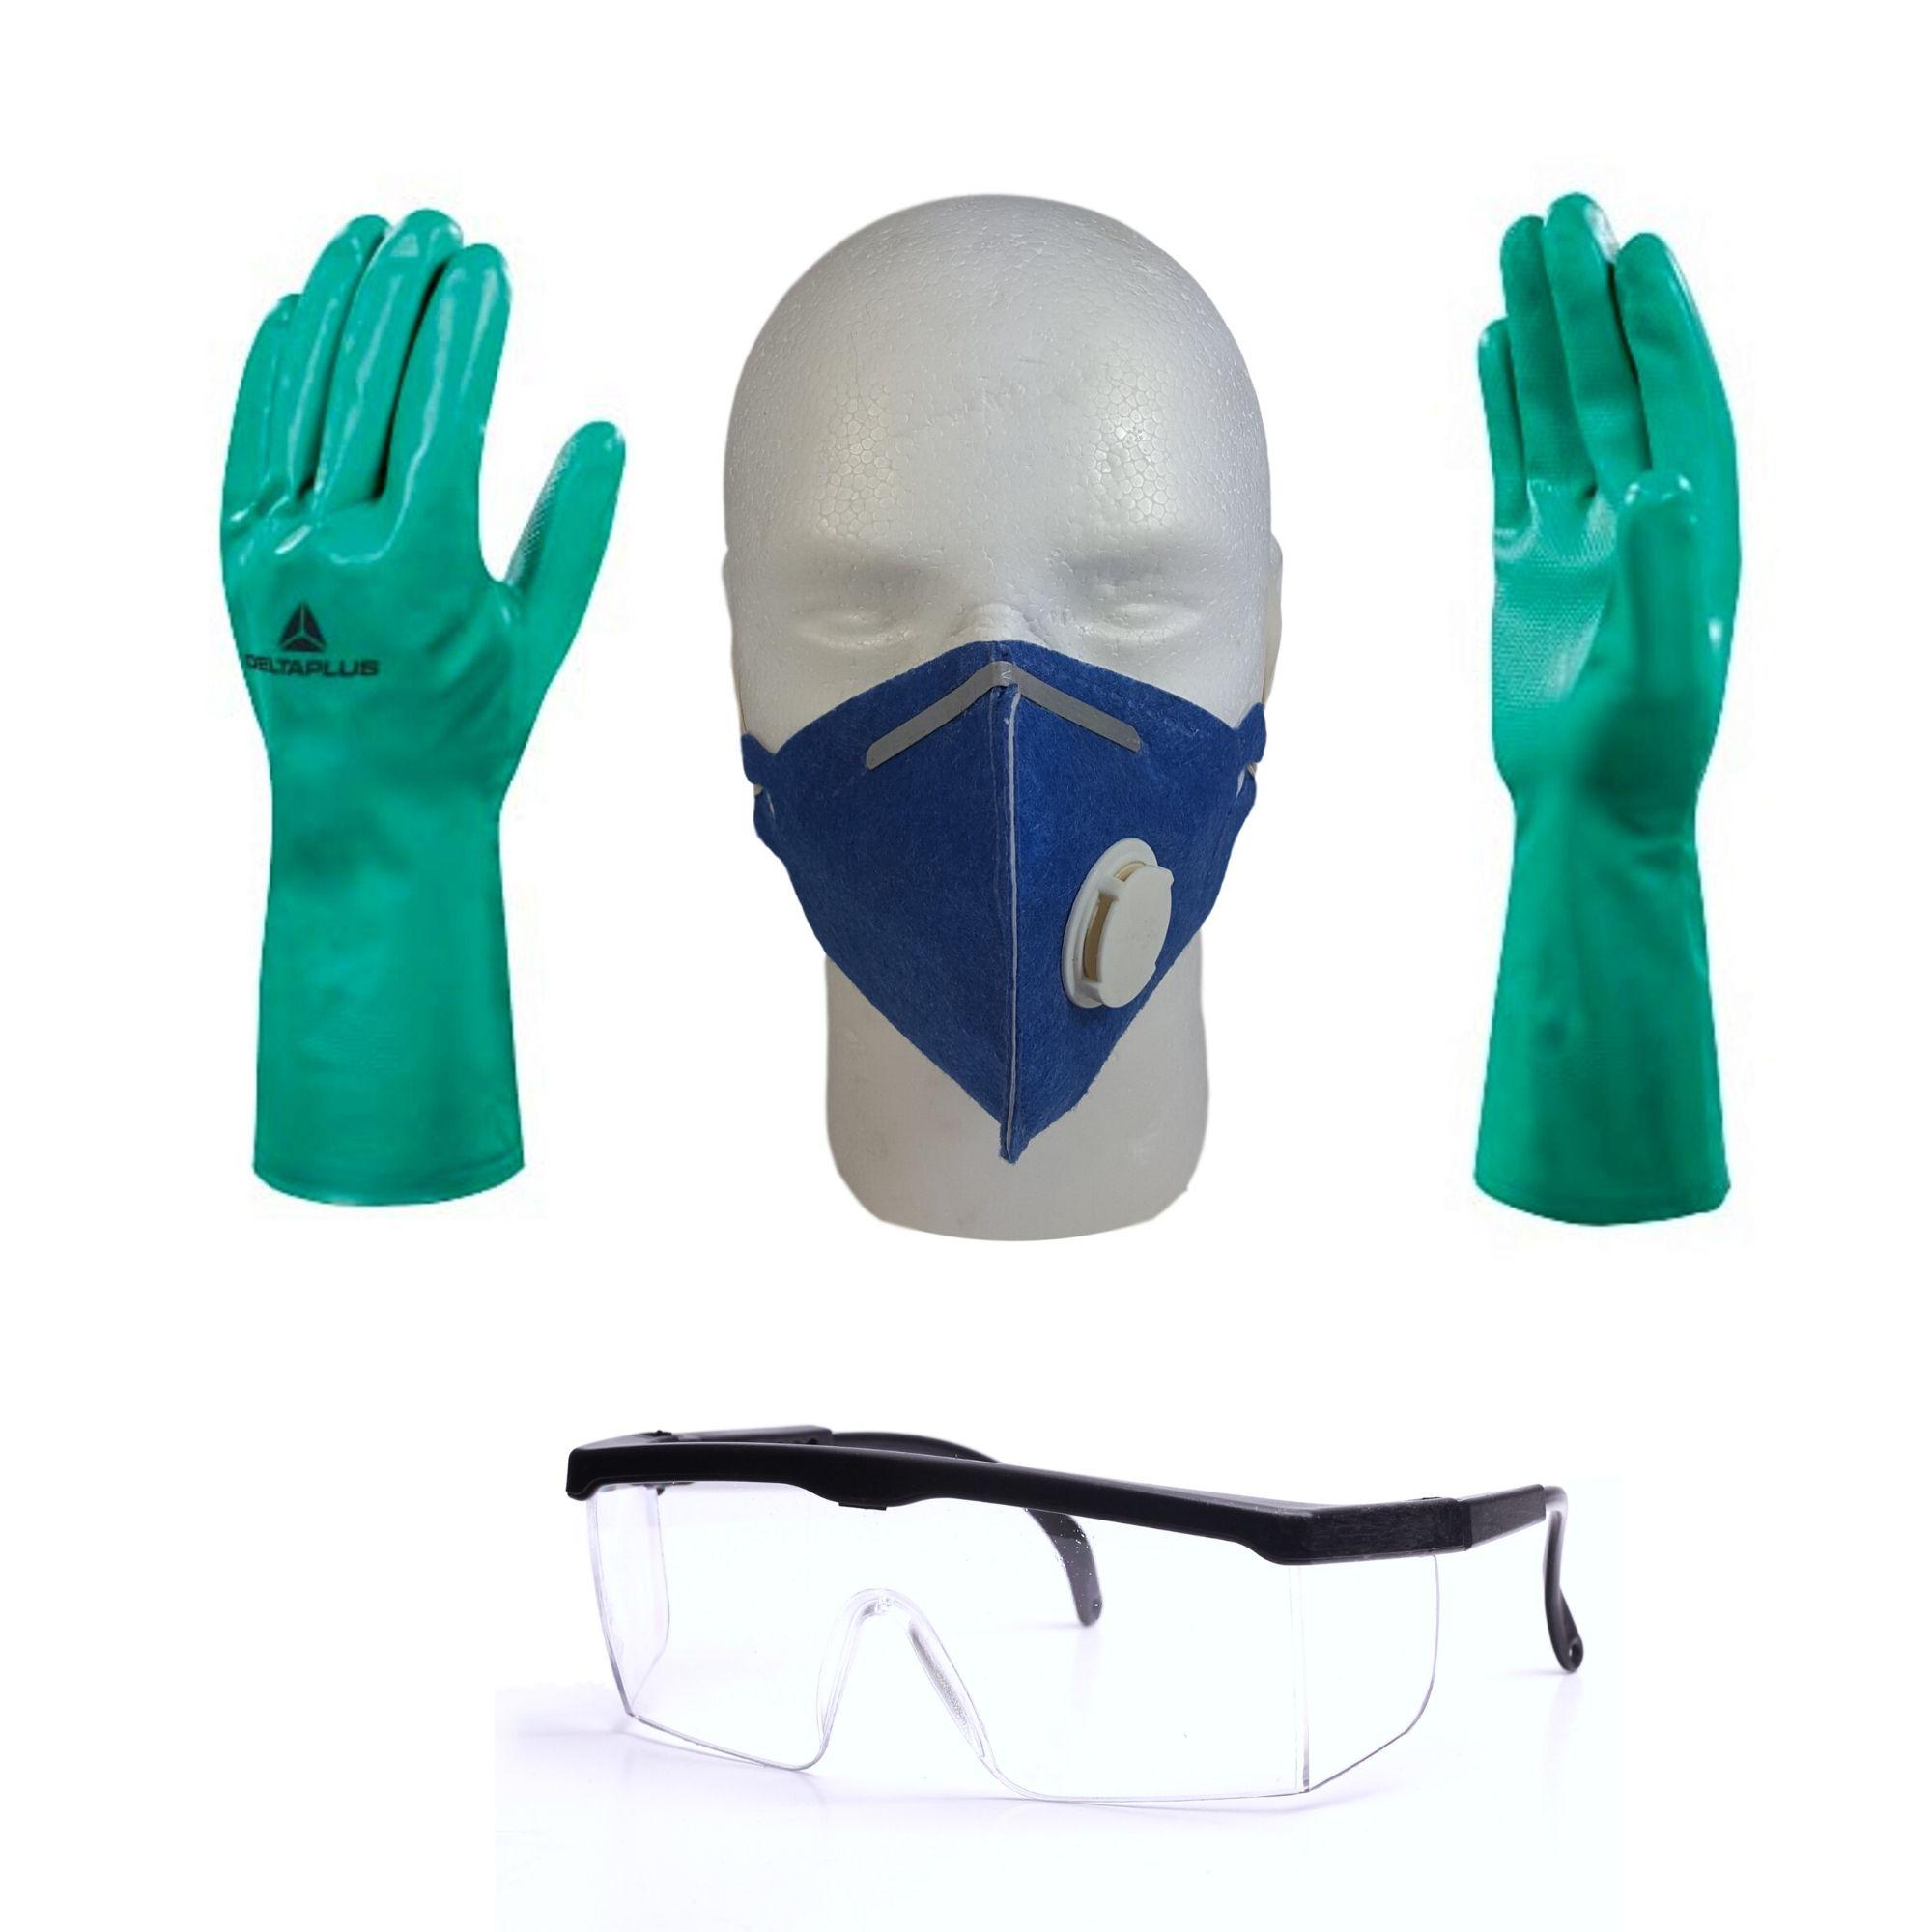 Kit De Epi Proteção Quimica, Mascara Óculos E Luva Nitrilica  - DE PAULA EPI